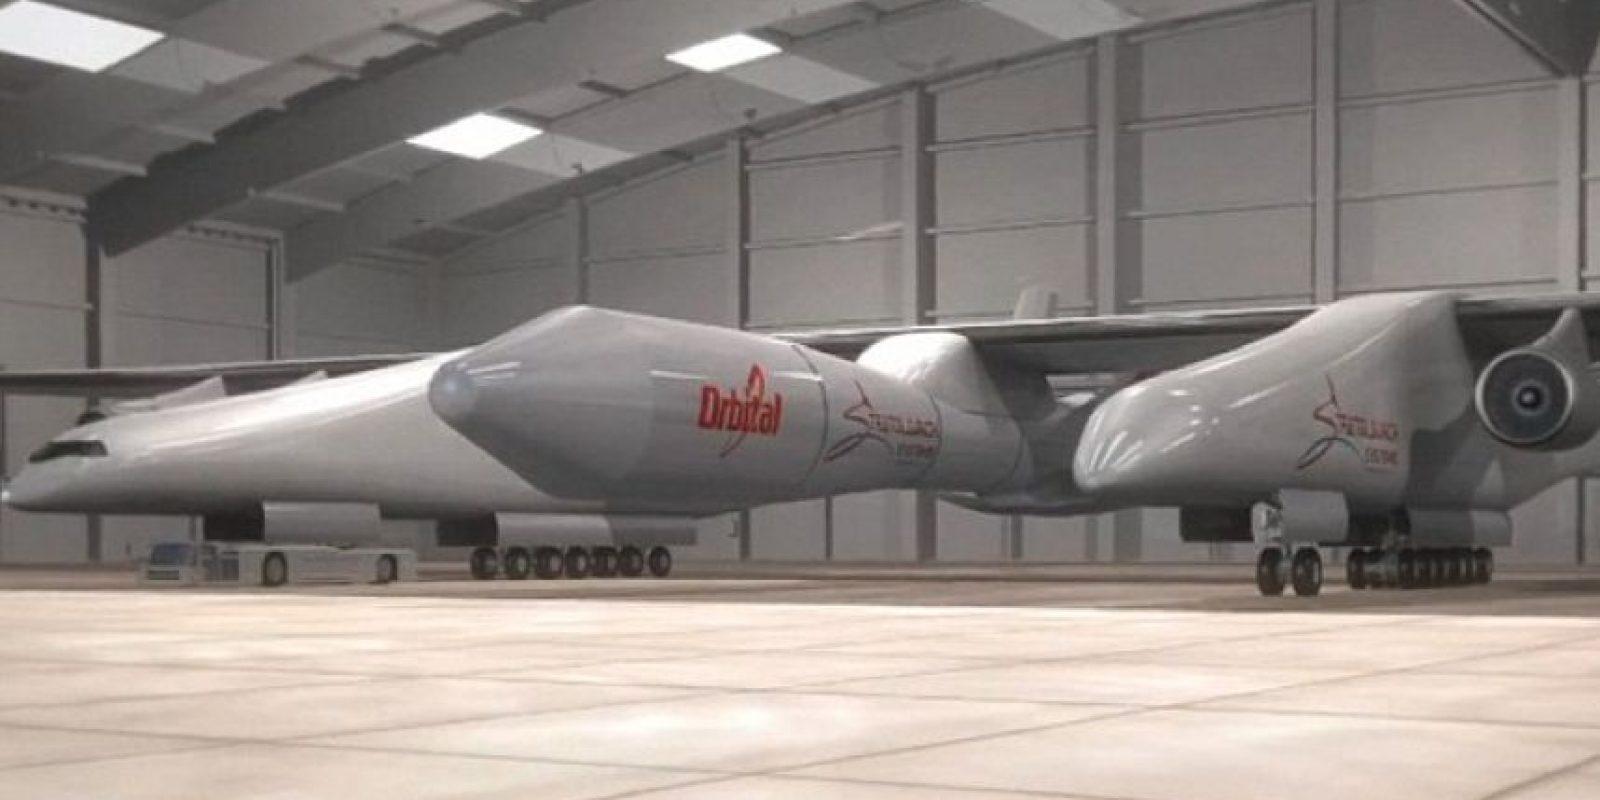 Se trata de avión más grande del mundo y está siendo construido para su primer vuelo a principios del próximo año Foto:stratolaunch.com